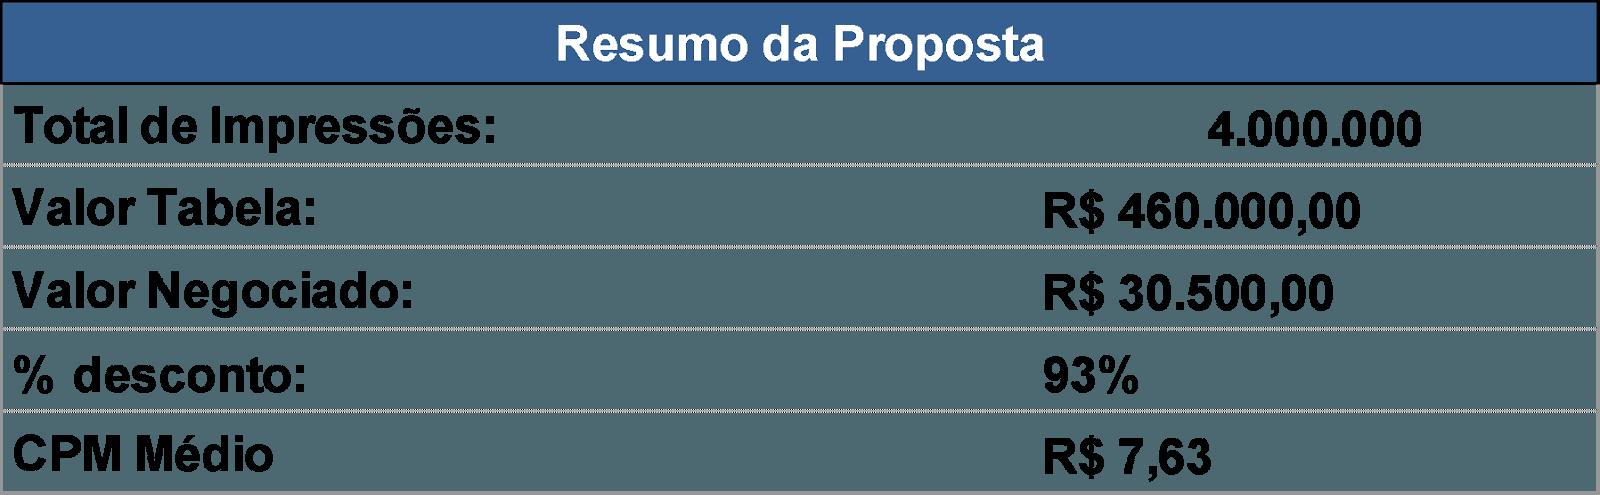 resumo-proposta